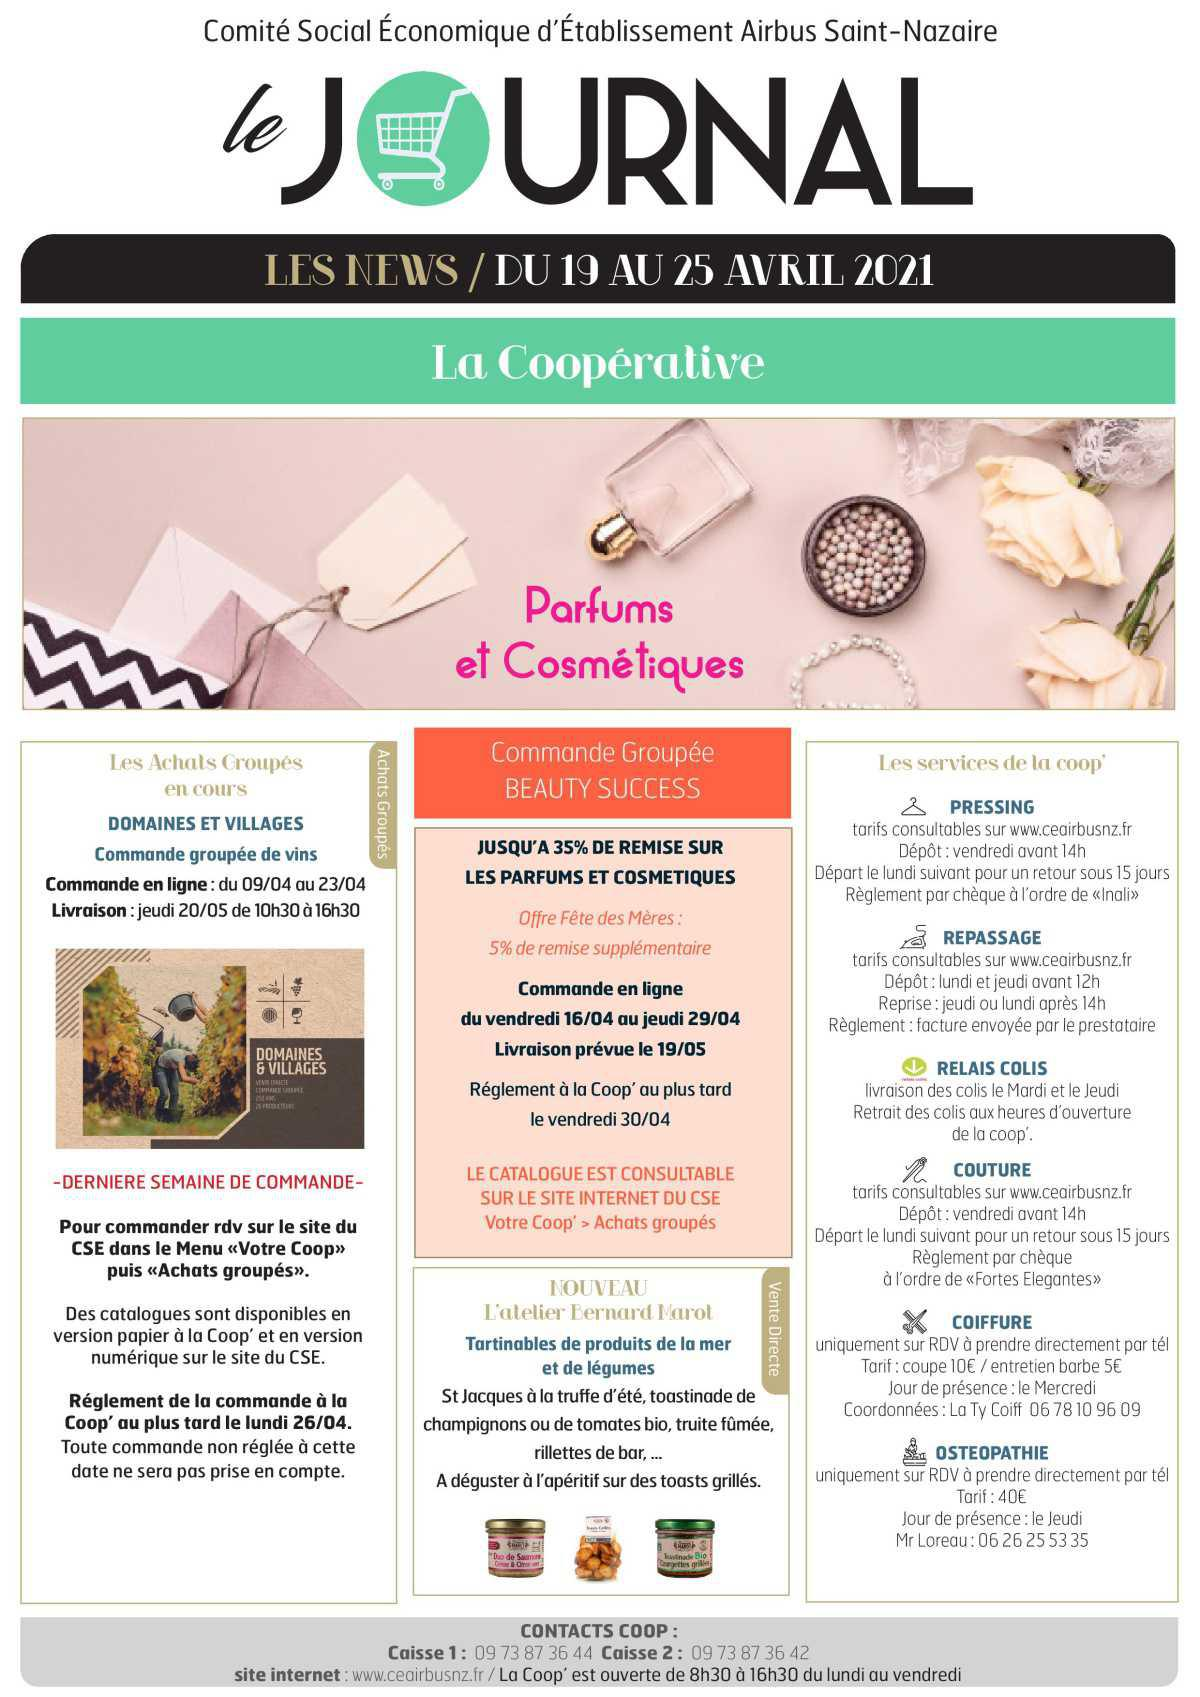 Informations du CSE et de la coopérative semaine 16